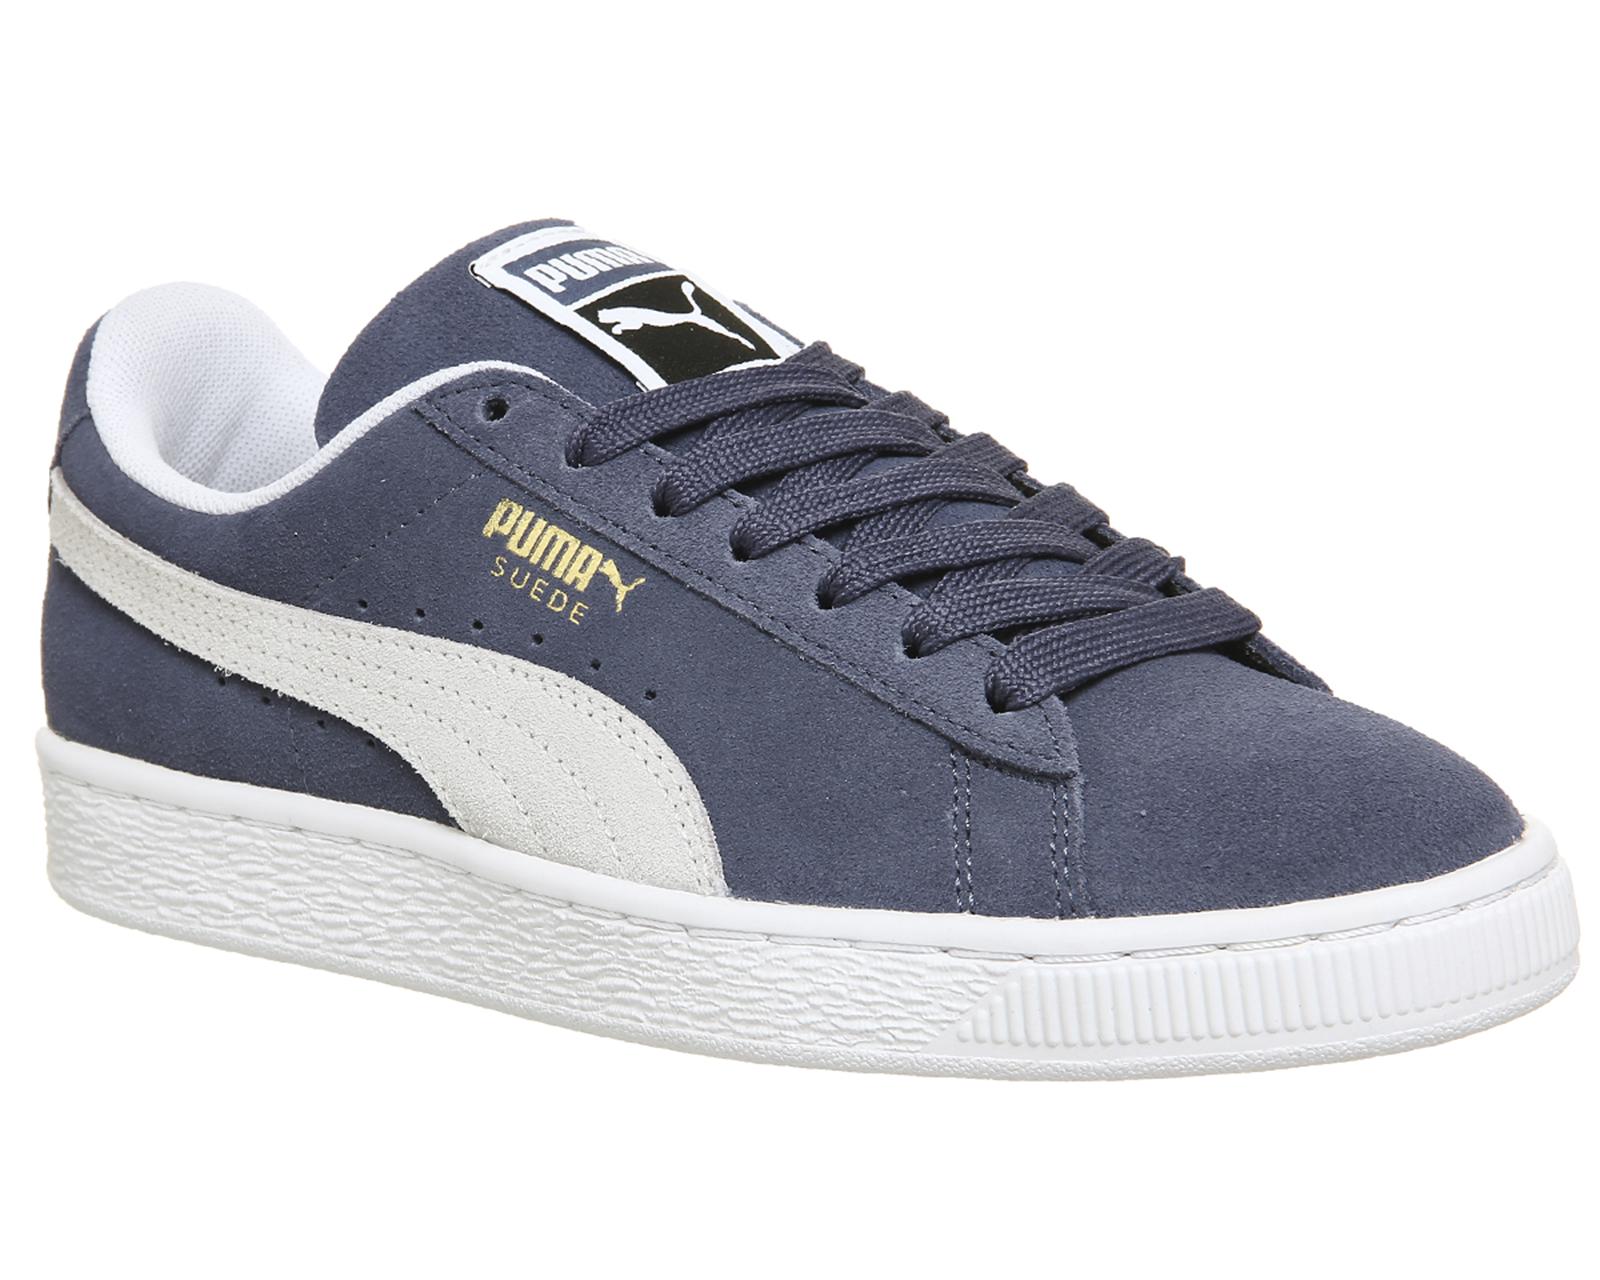 Da Uomo Puma Suede Classic Scarpe da ginnastica grigio cenere scarpe da ginnastica Puma bianco